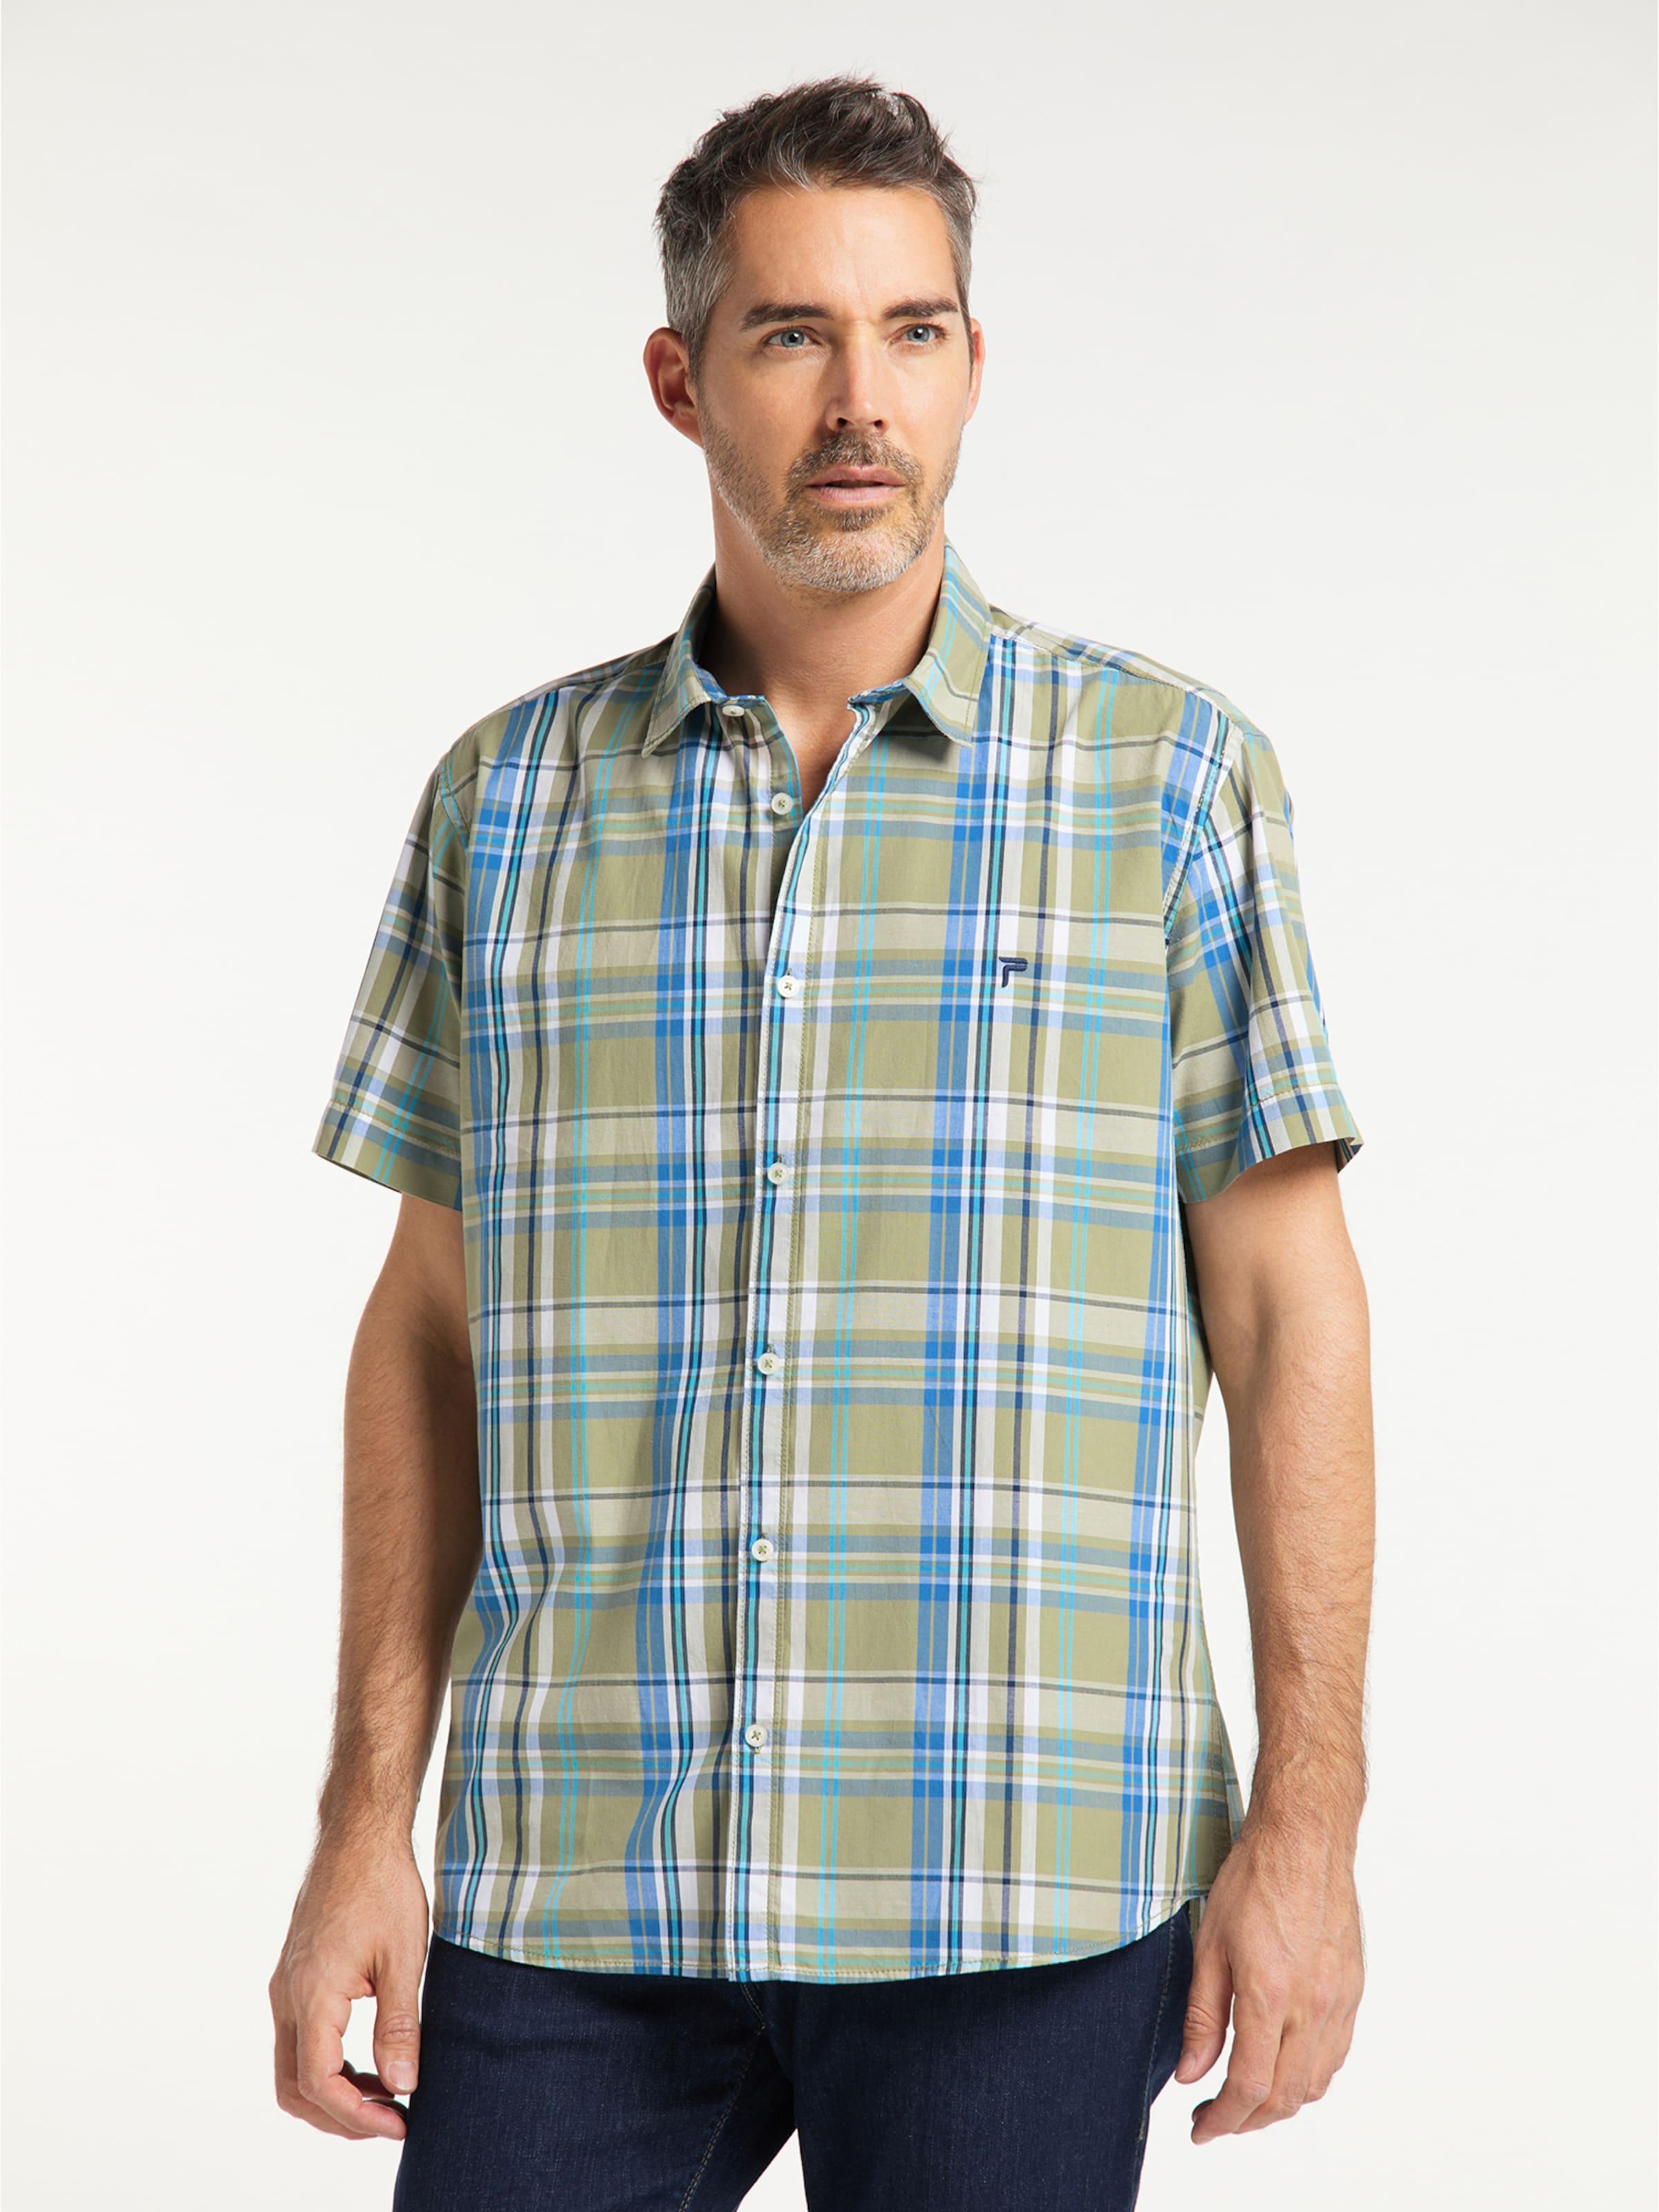 PIONEER Hemd in blau / weiß Baumwolle 07168/000/04278-638-L